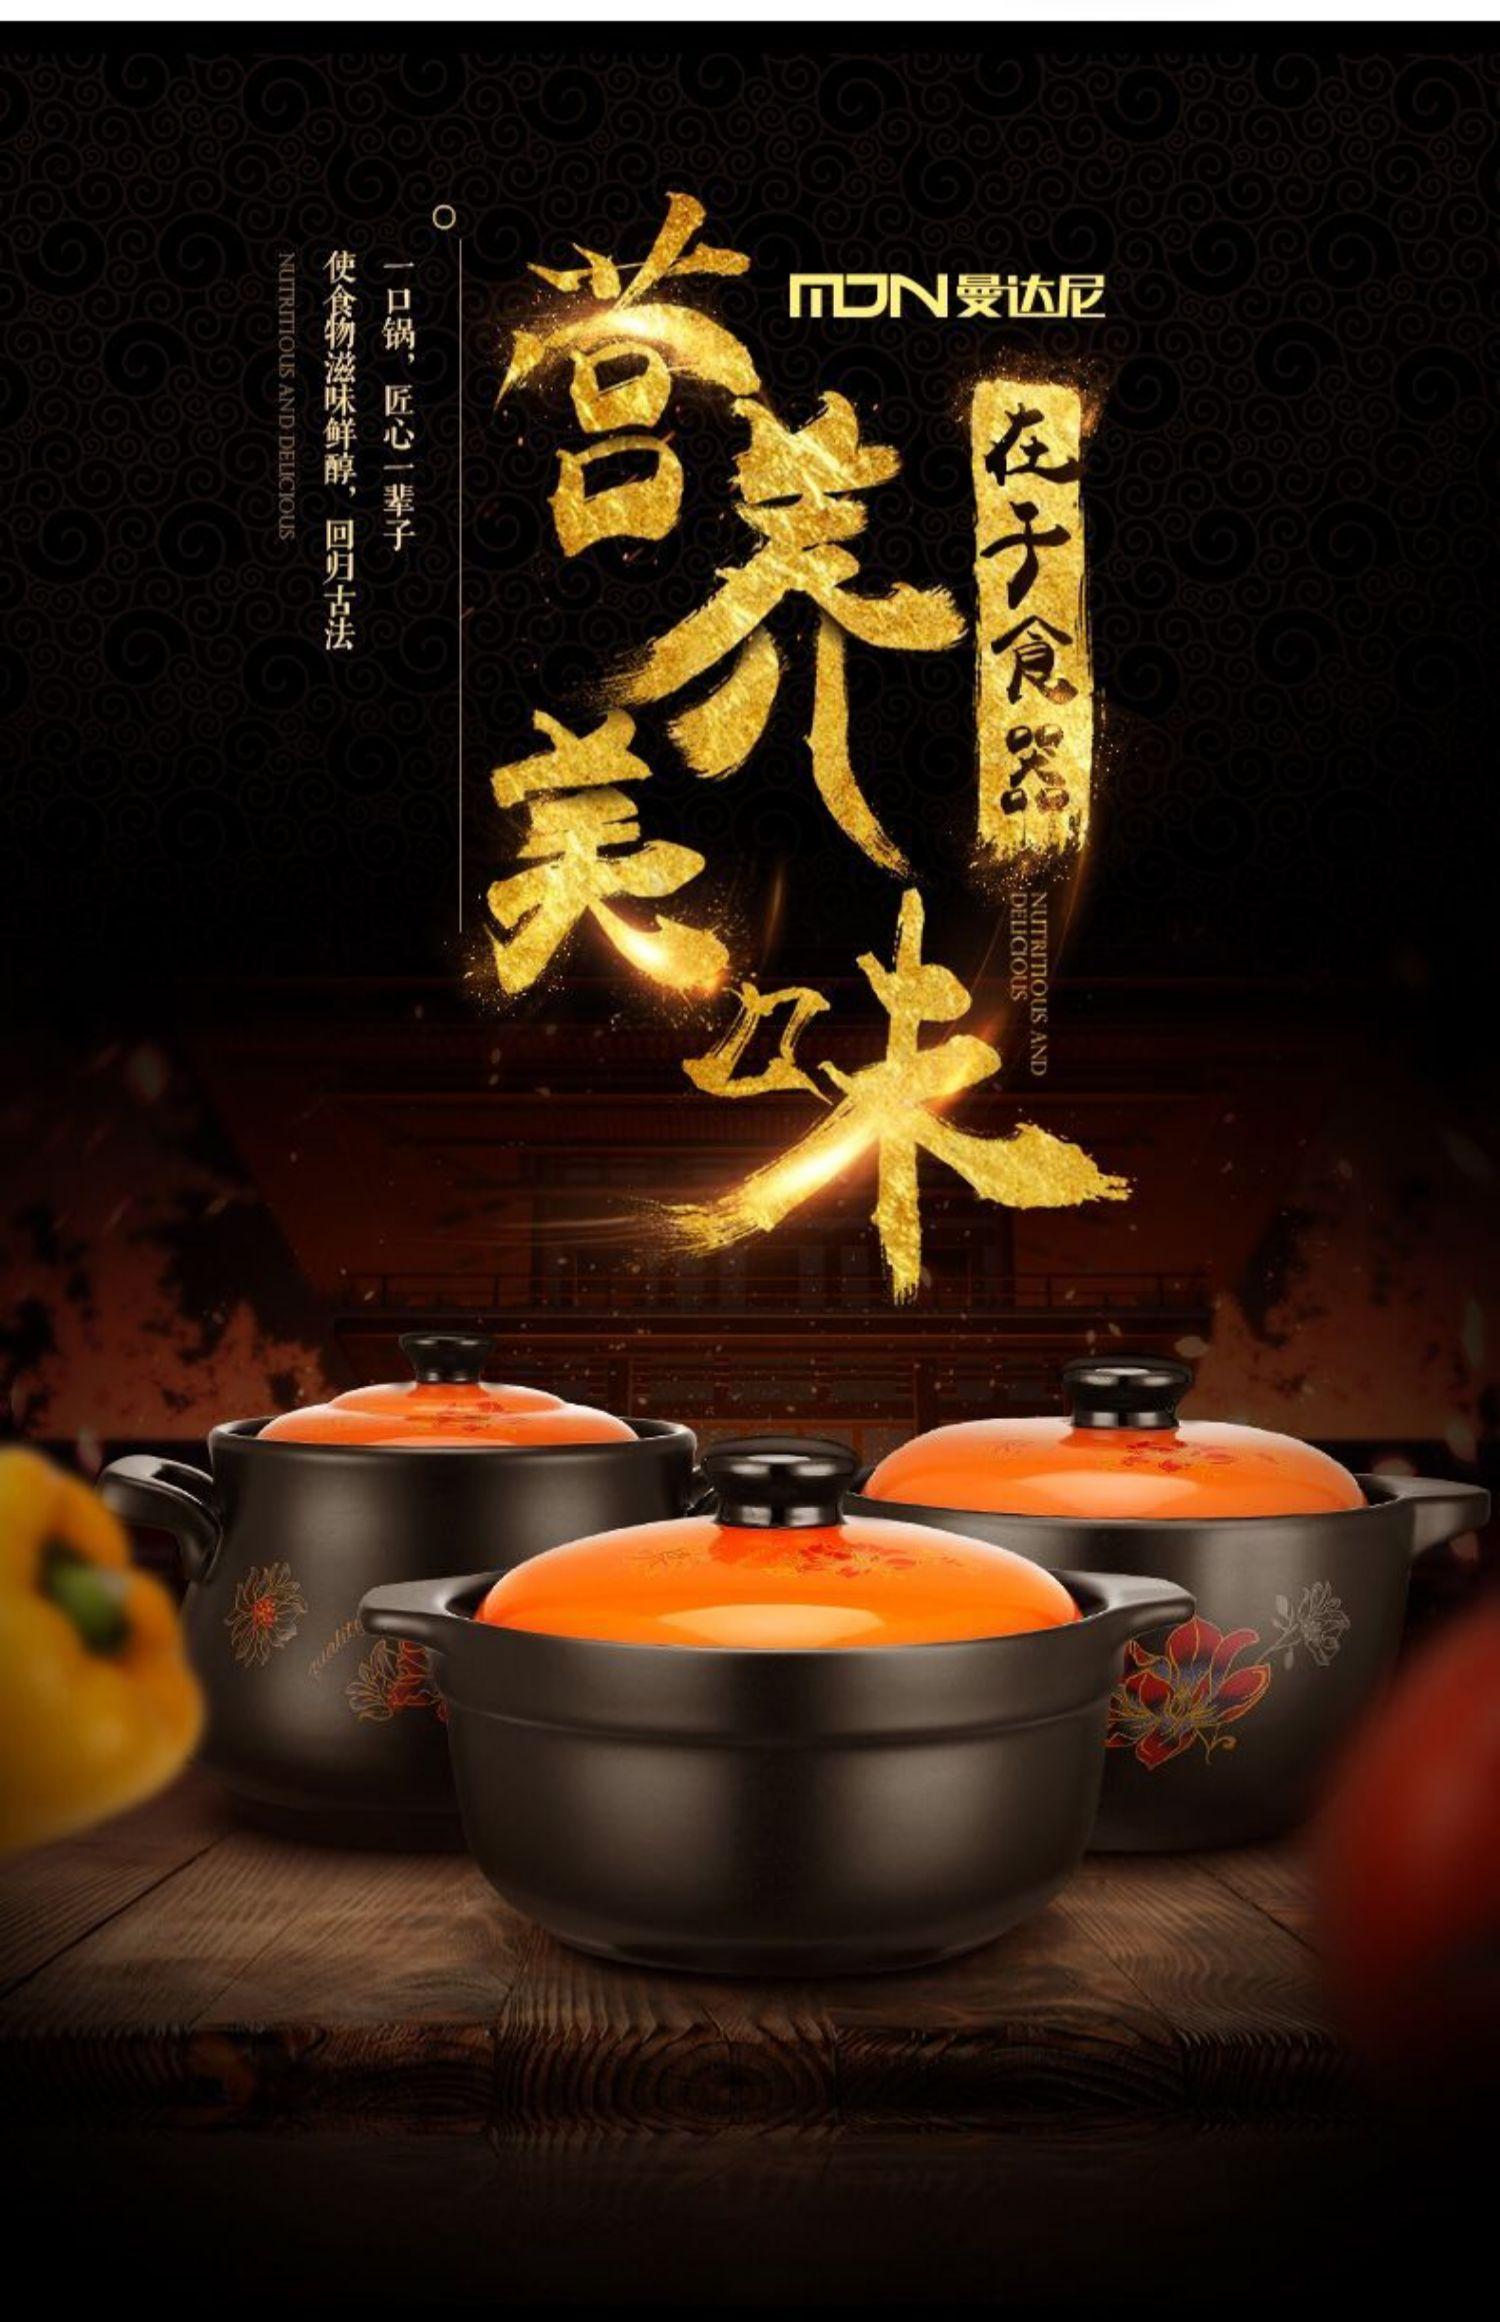 砂锅耐高温瓦罐汤煲陶瓷小沙锅煲汤锅炖锅明火家用燃气煲仔饭汤锅商品详情图